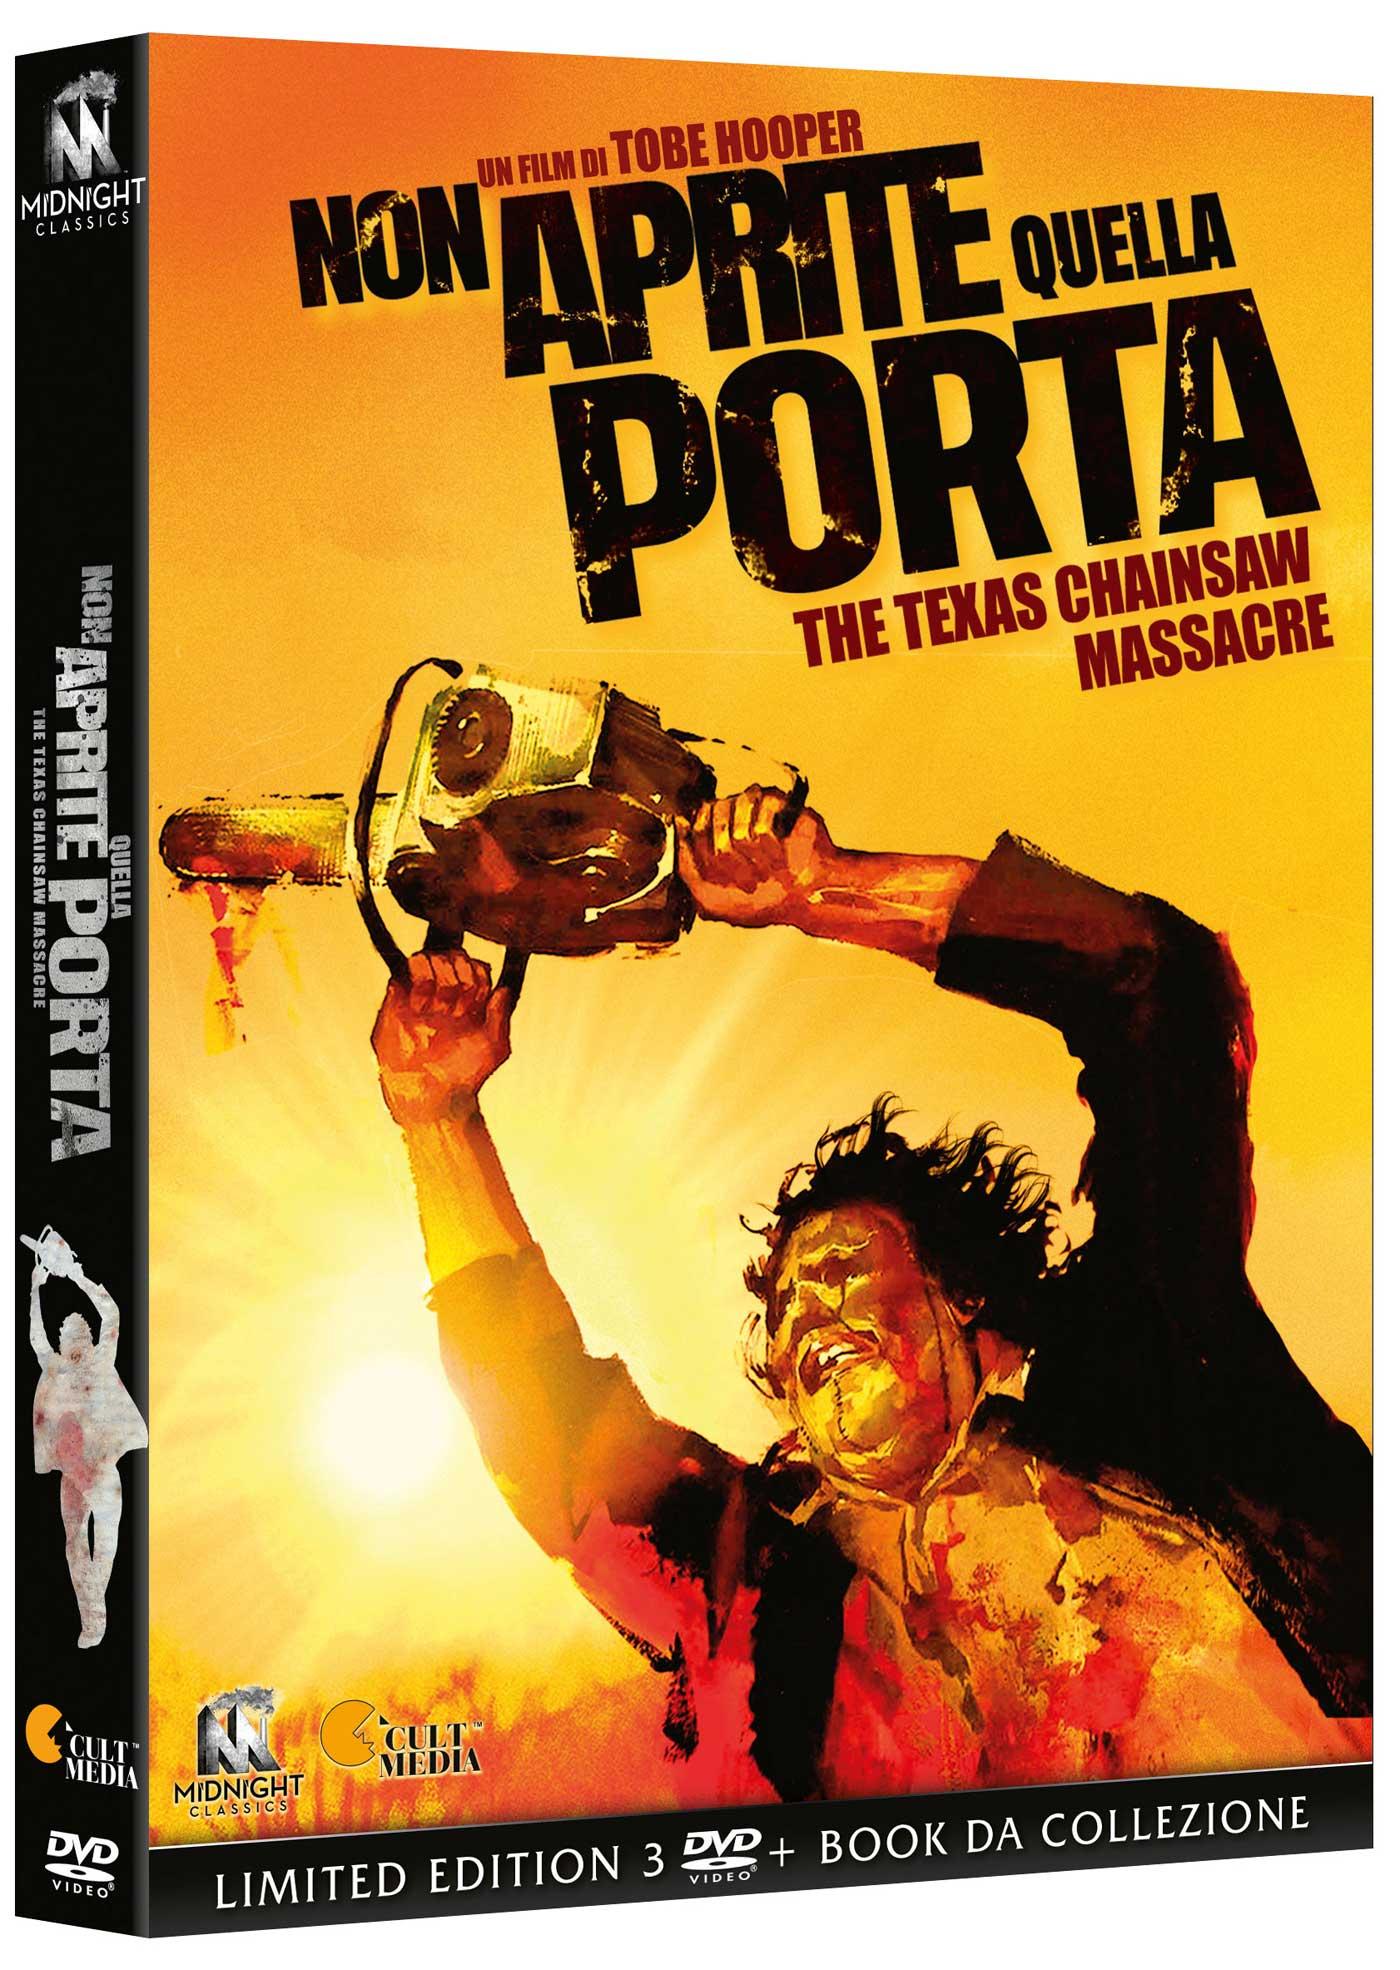 COF.NON APRITE QUELLA PORTA (LTD) (3 DVD+BOOK DA COLLEZIONE) (DV